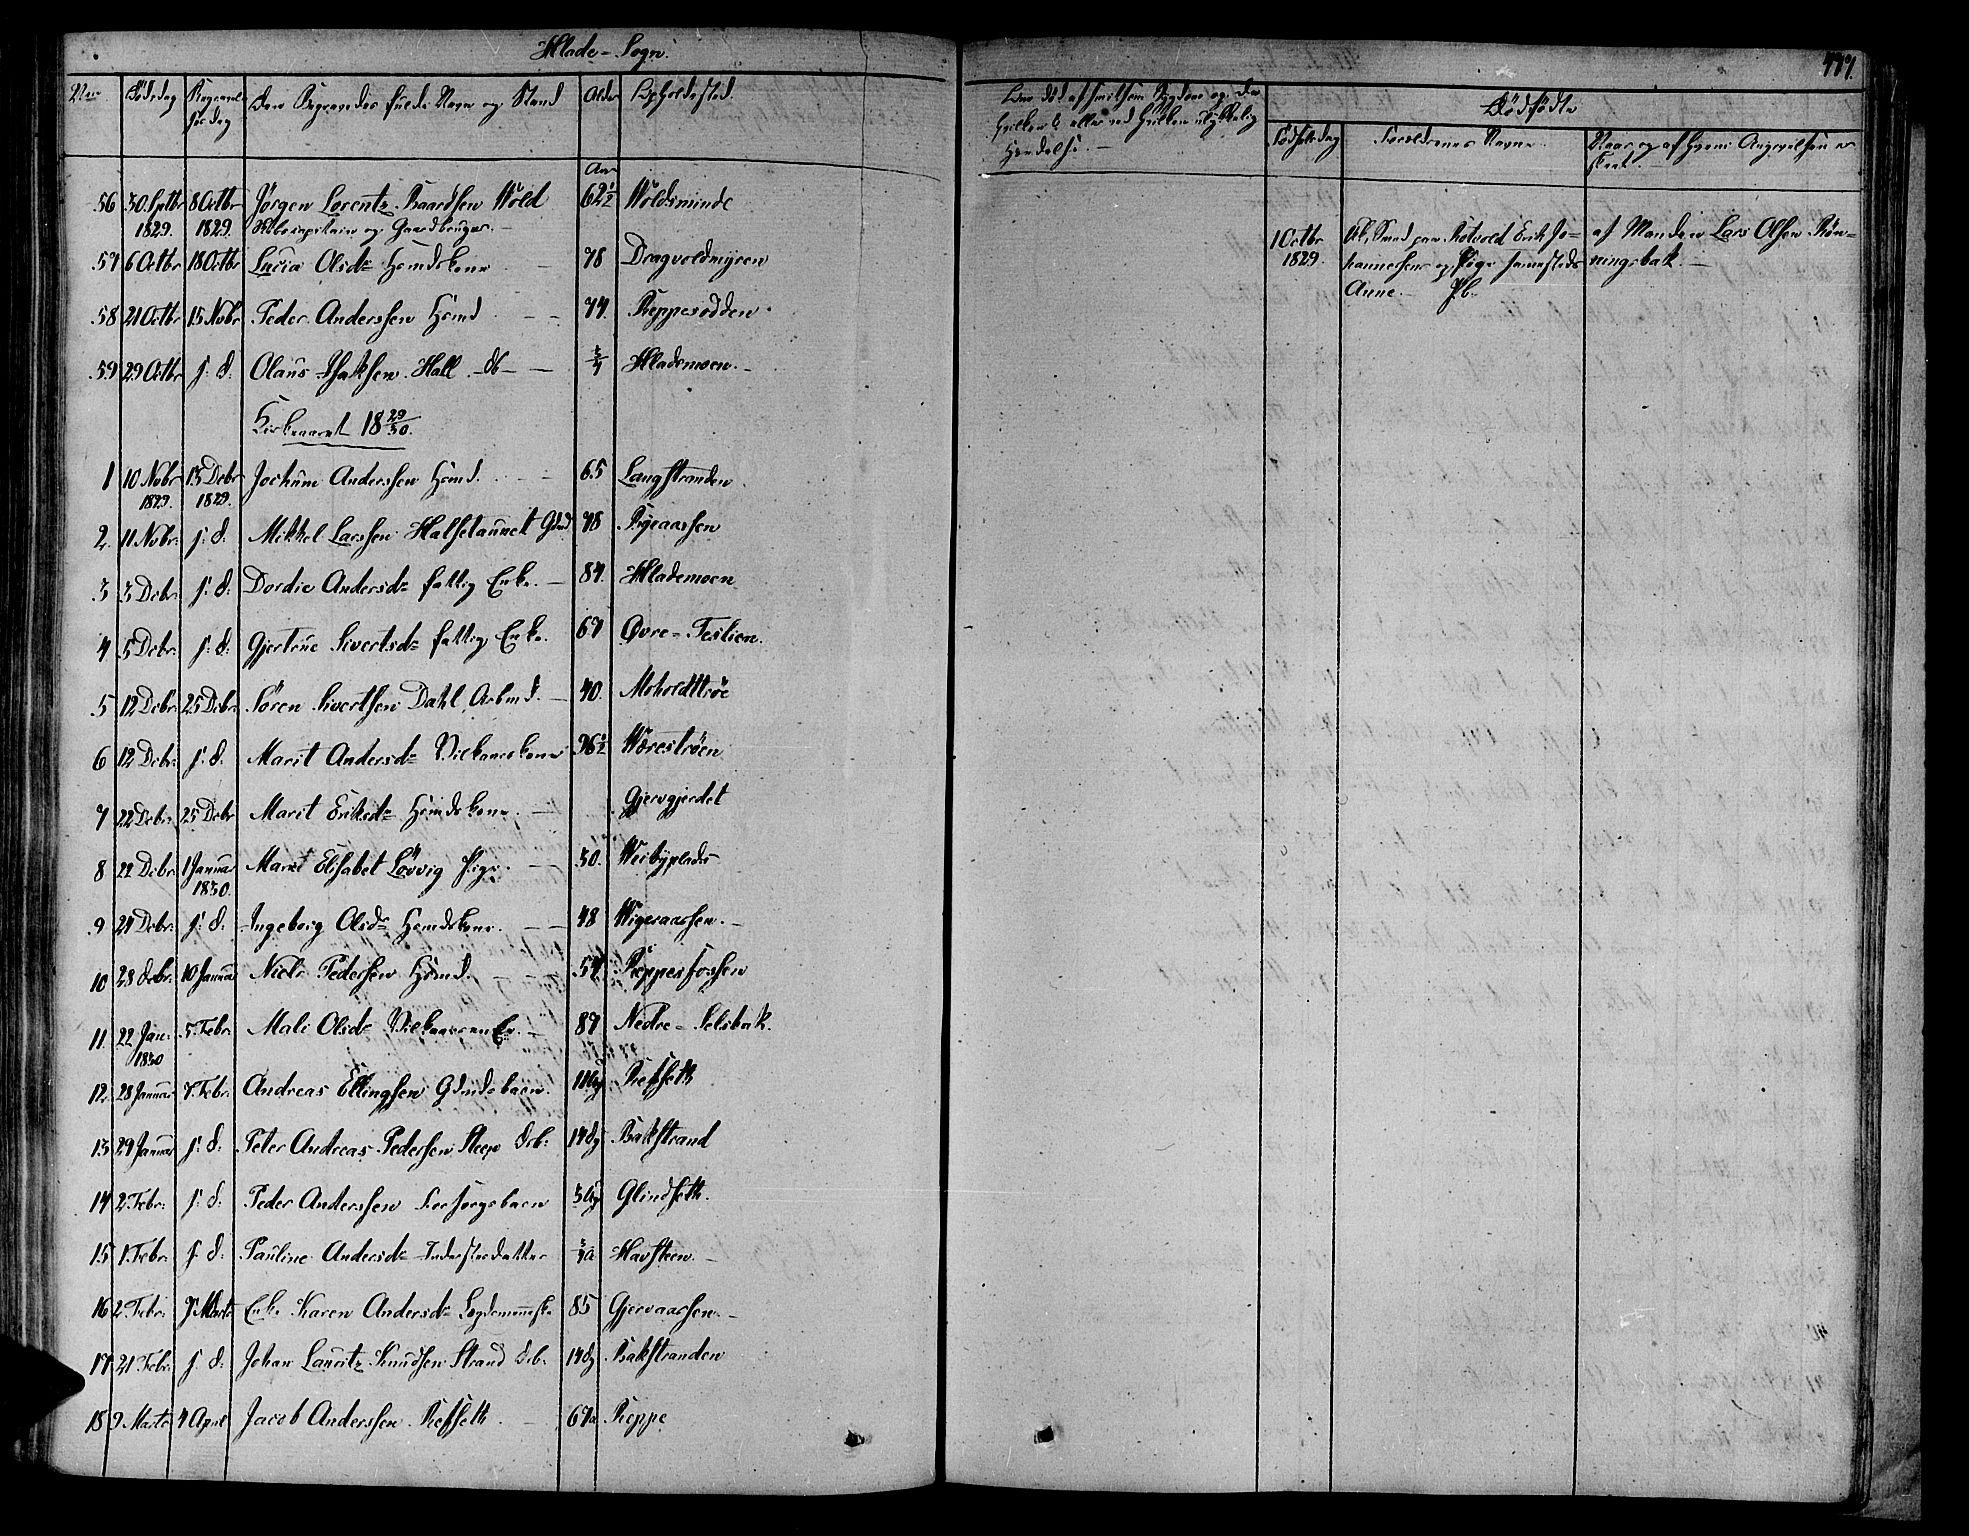 SAT, Ministerialprotokoller, klokkerbøker og fødselsregistre - Sør-Trøndelag, 606/L0286: Ministerialbok nr. 606A04 /1, 1823-1840, s. 477